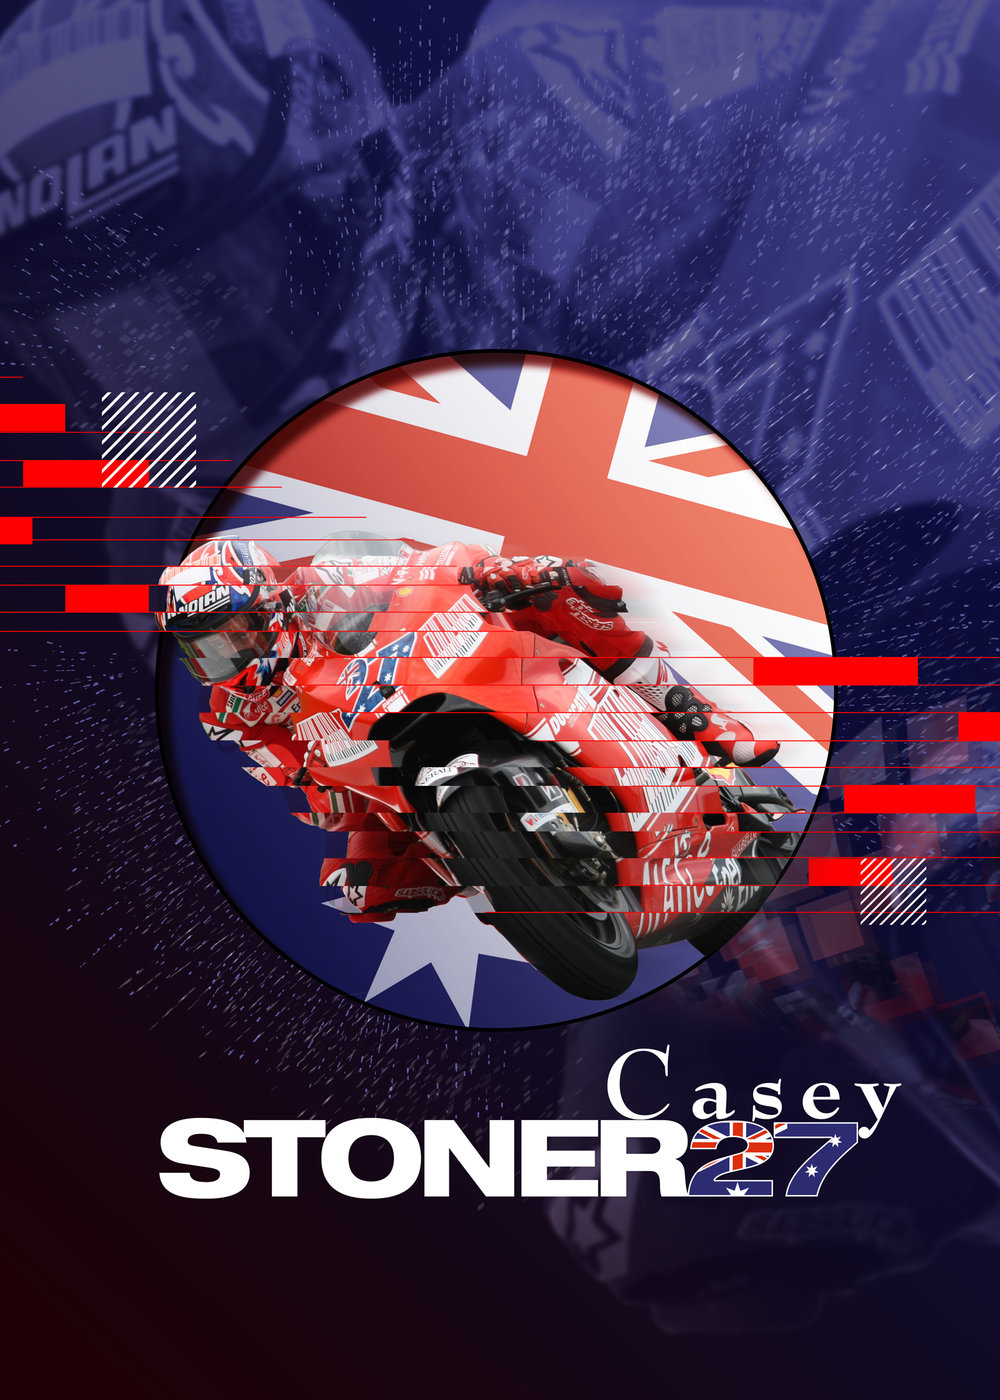 casey-stoner27.jpg